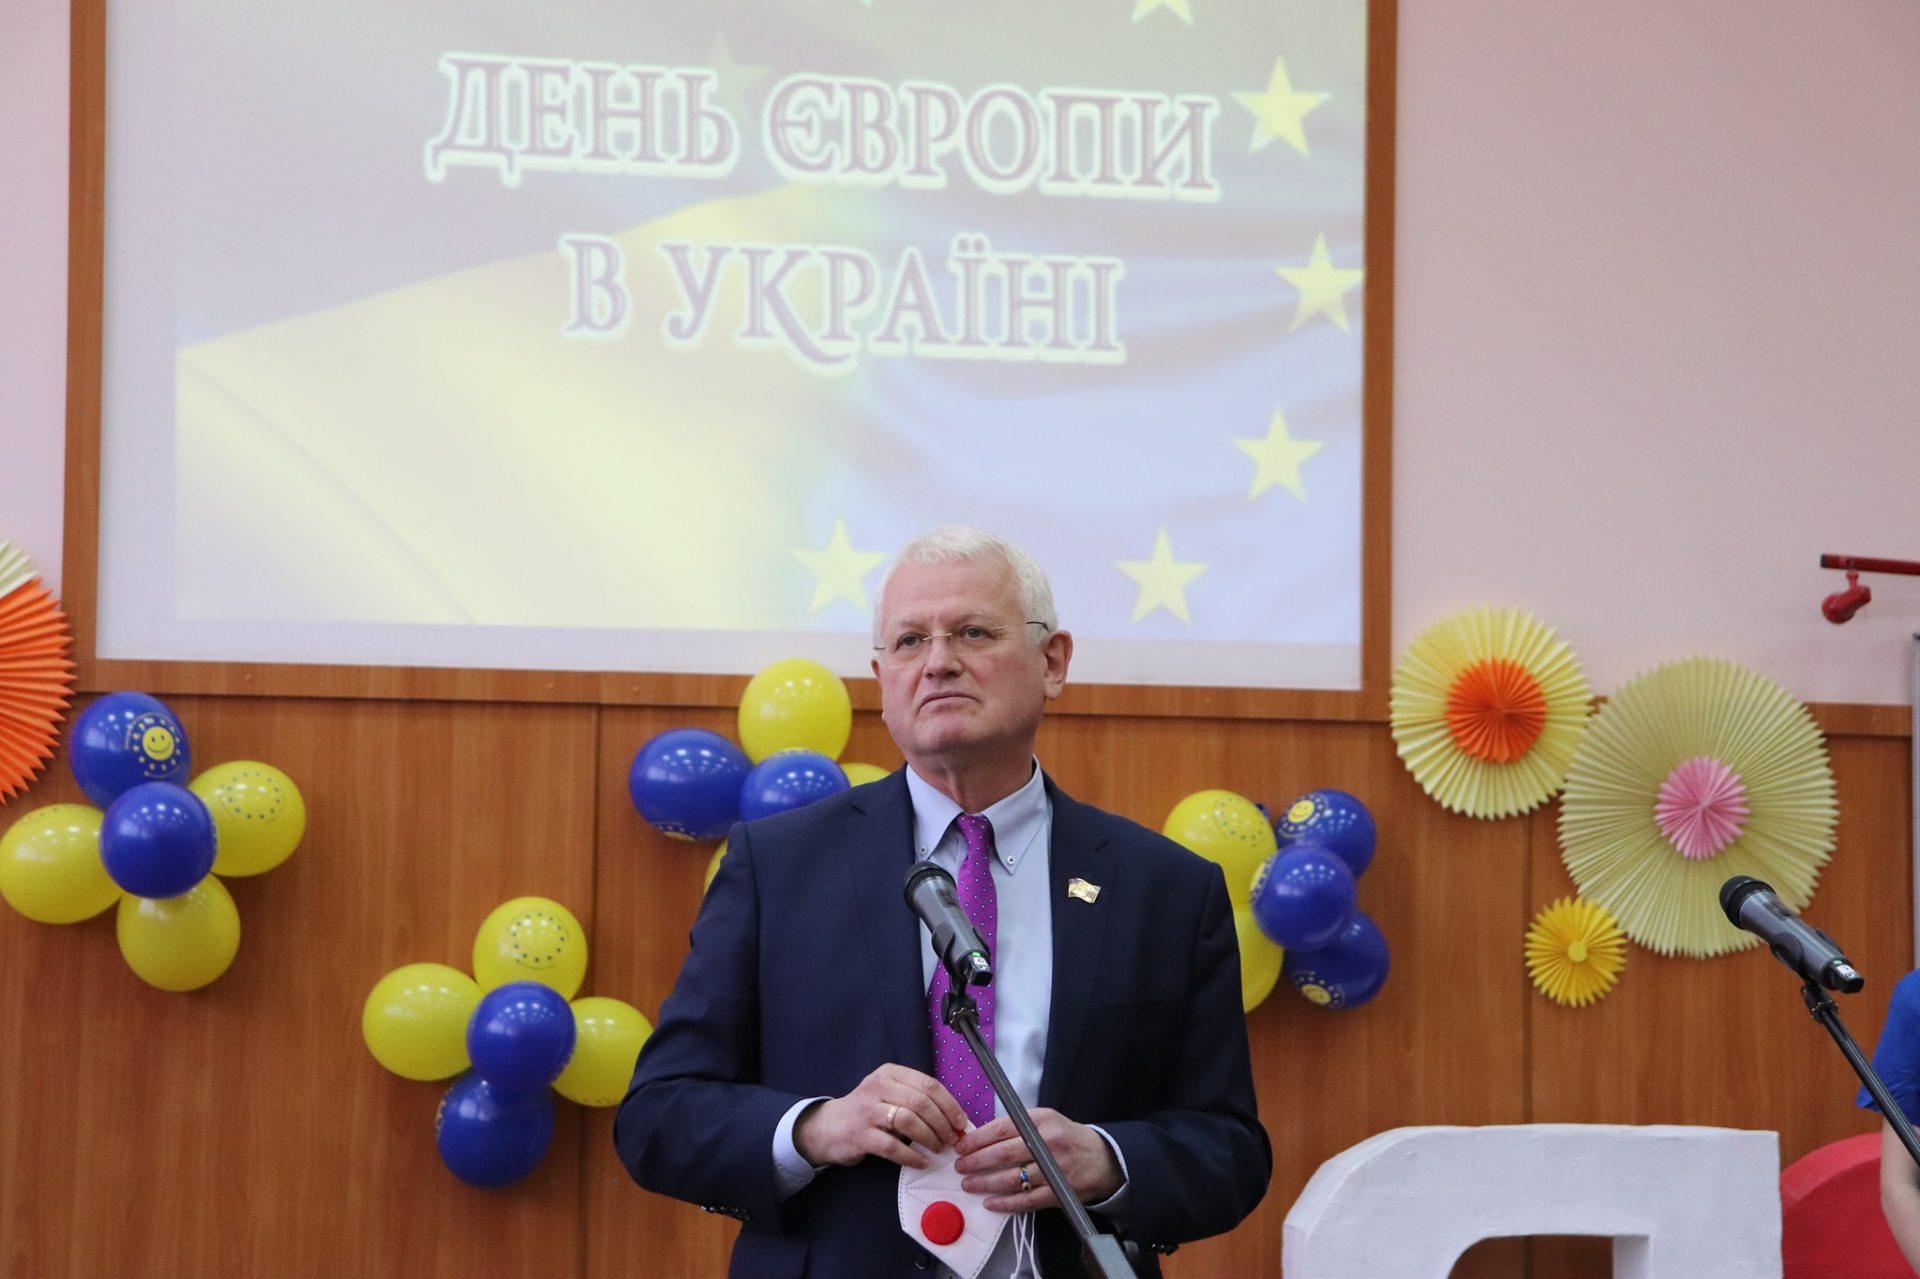 Співаковський, ректор, студенти, Дні Європи